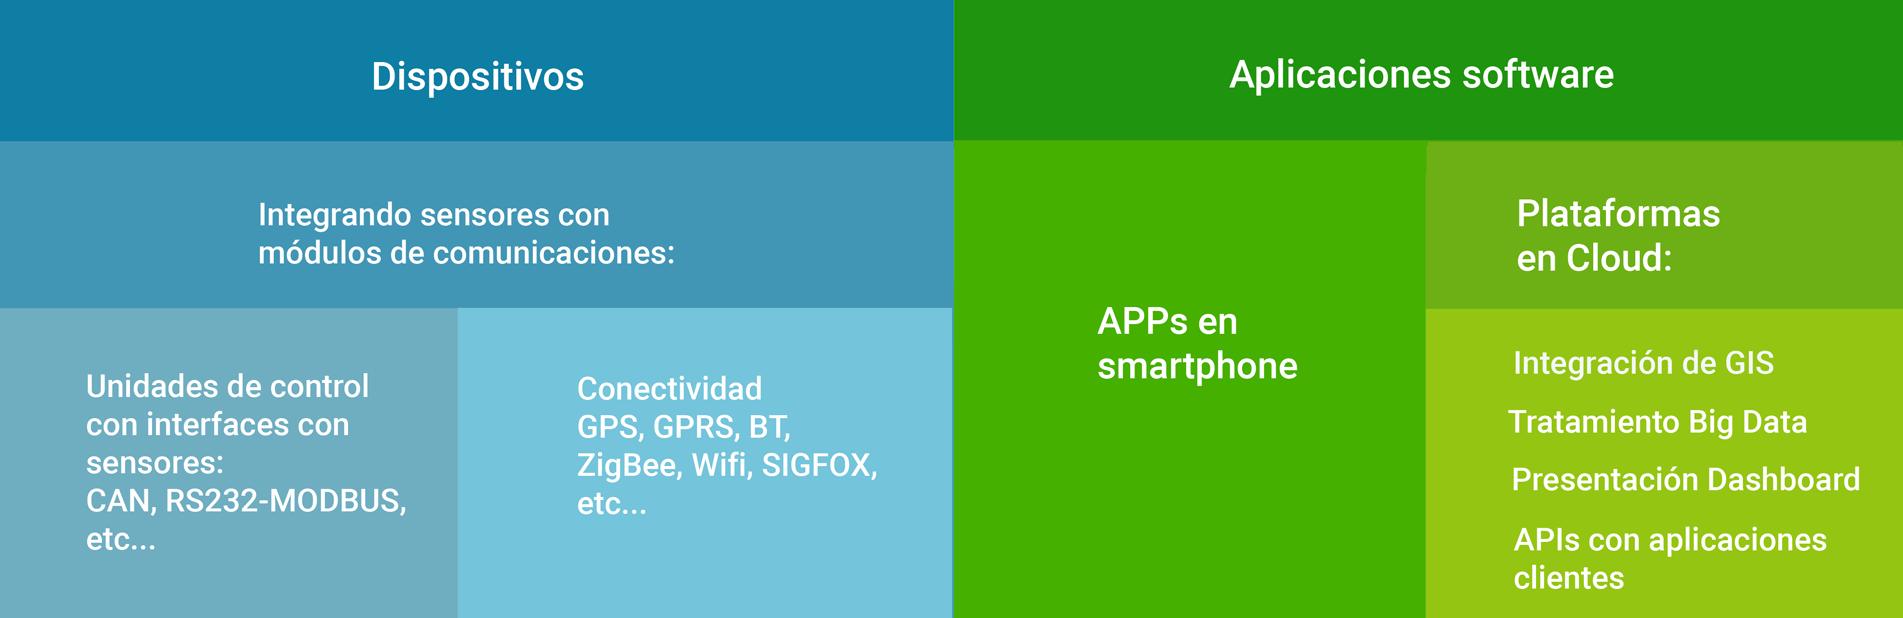 Dispositivos gps, gprs, cloud. Apps y big data Tecnología de Globtipper-Siemens